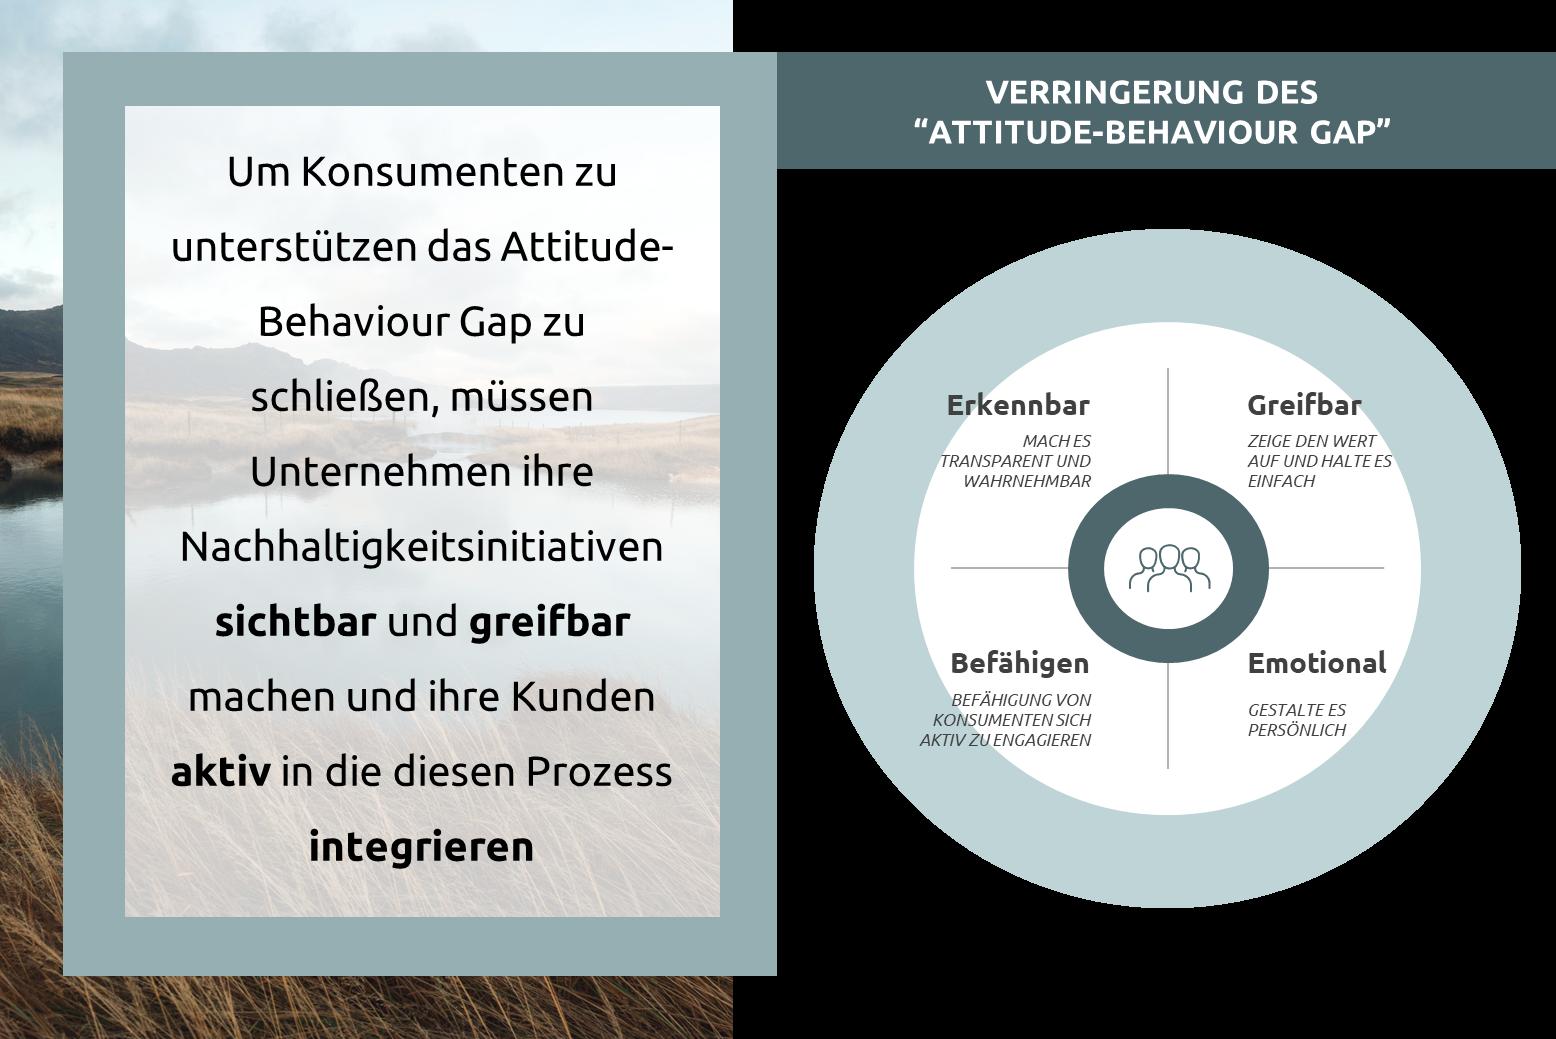 """Abb-2-Verringerung-des-""""Attitude-Behaviour-Gap"""" Capgemini Invent"""